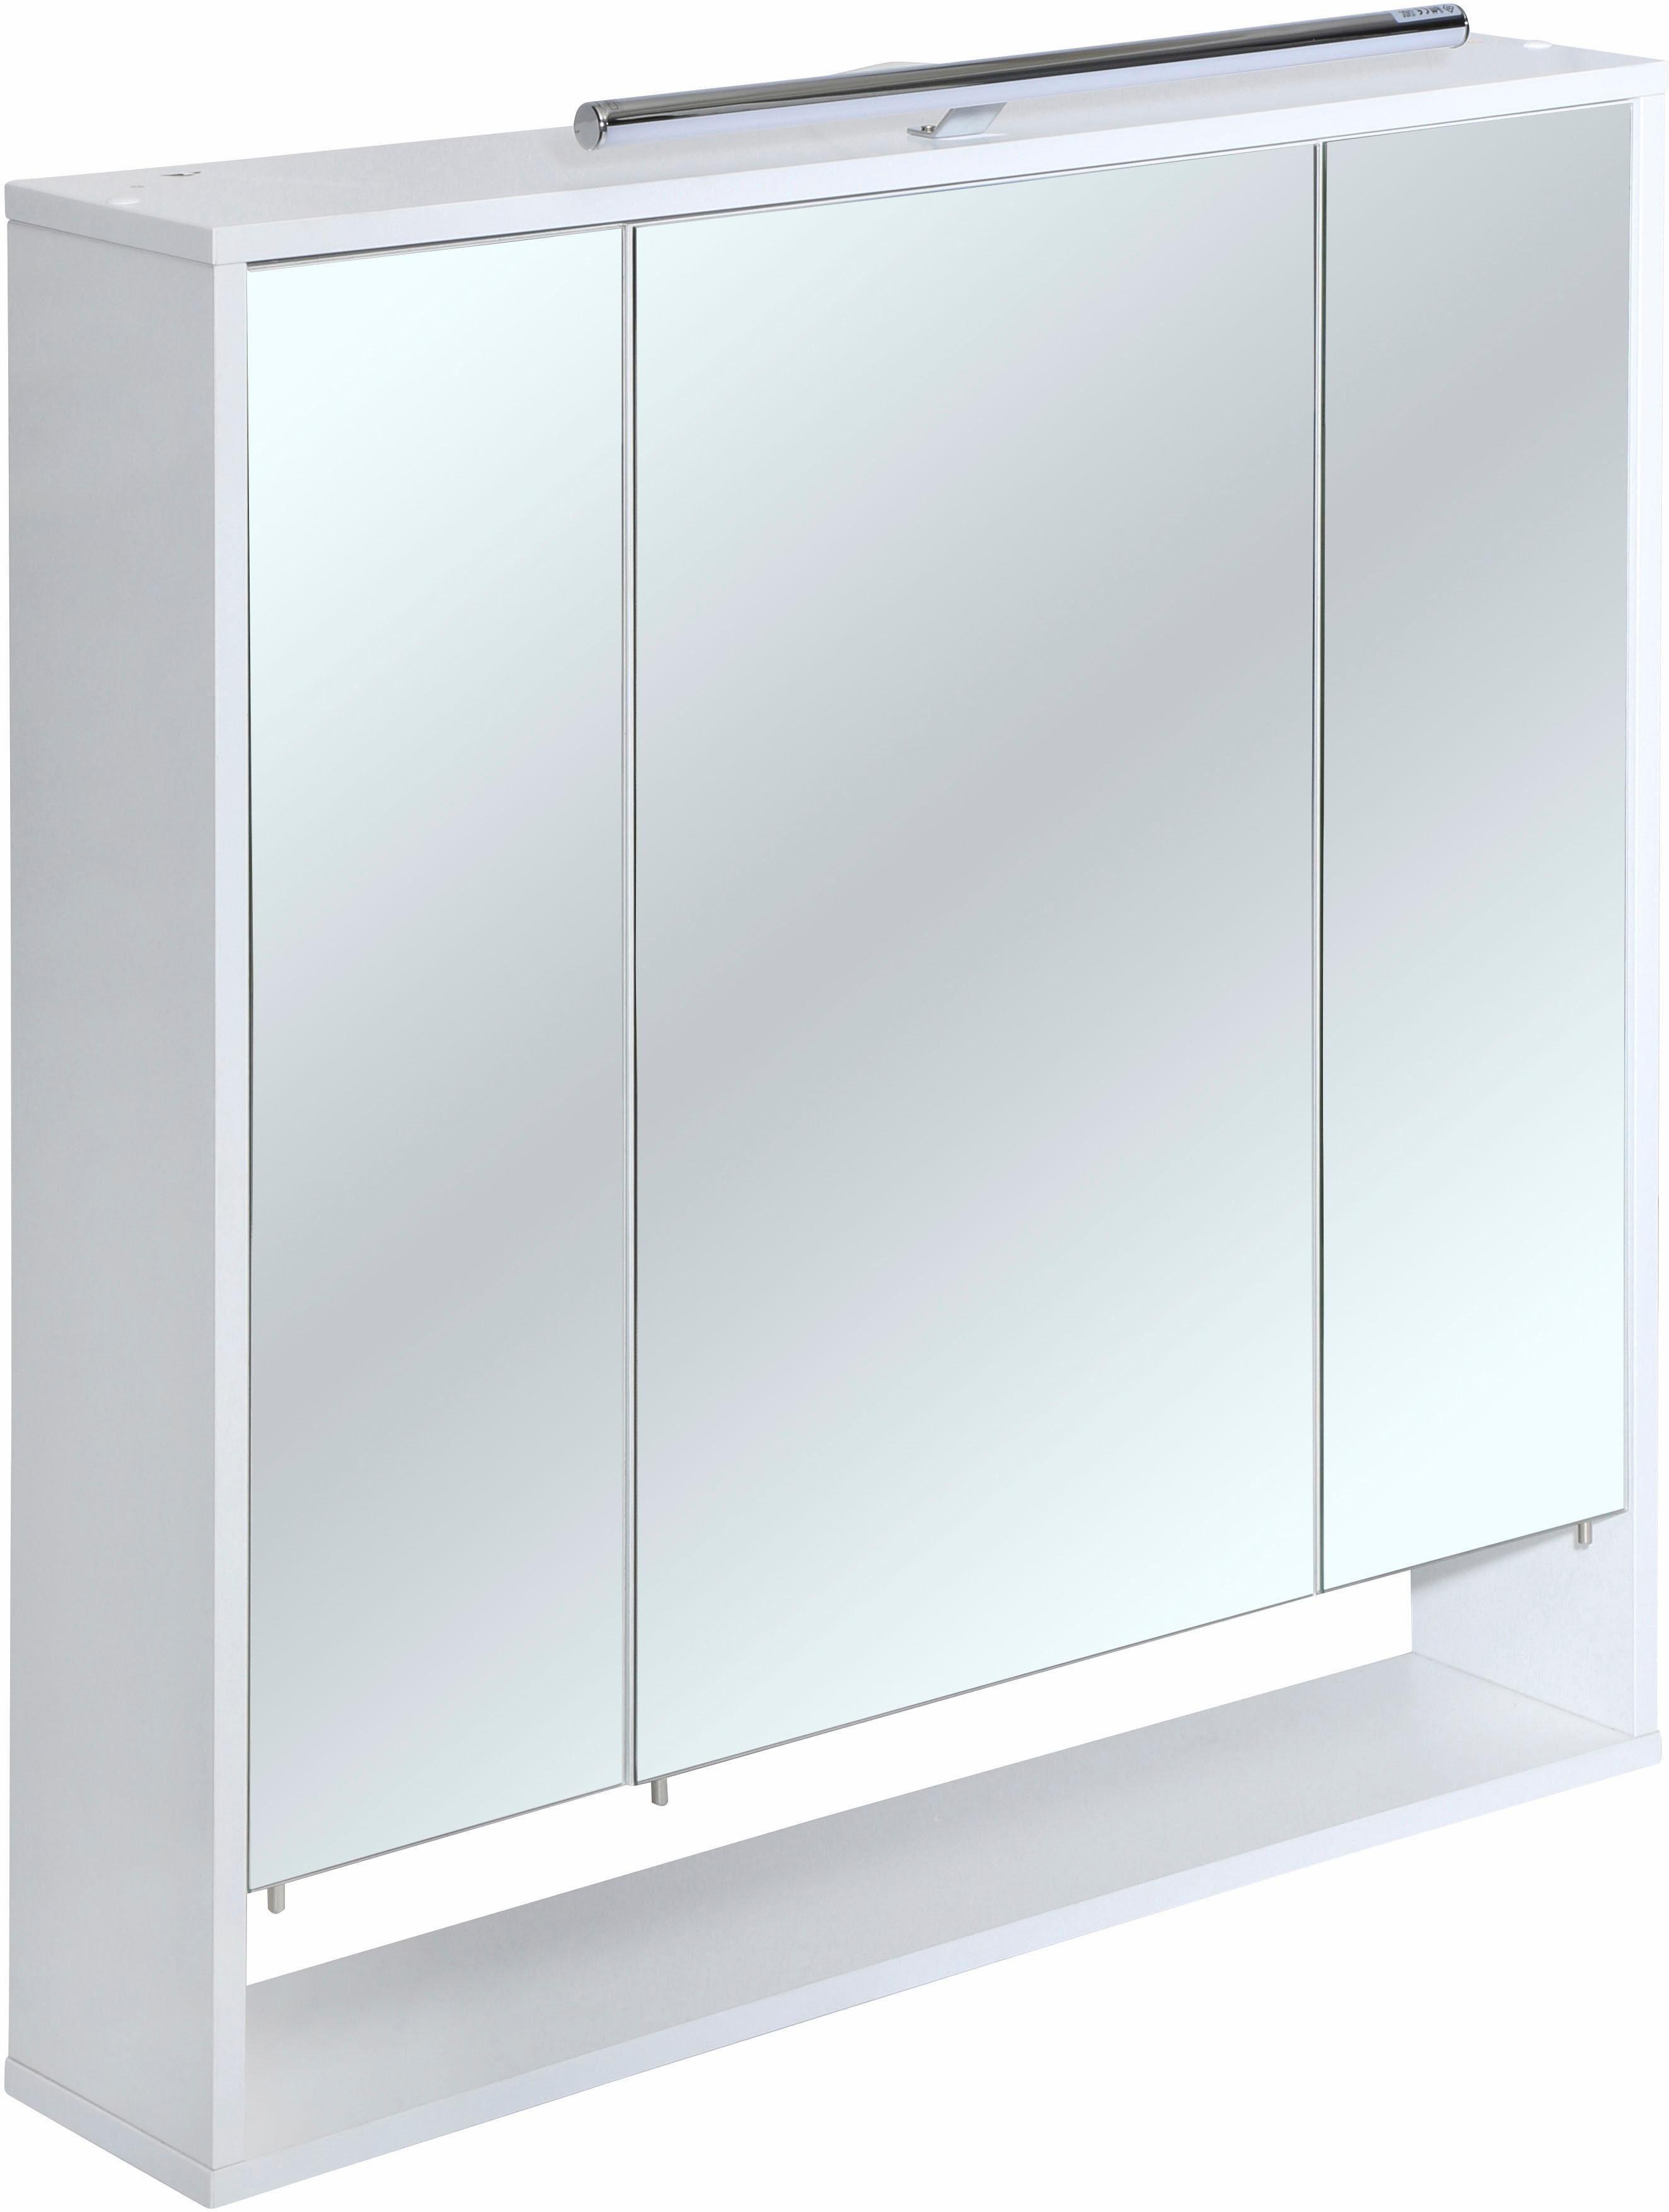 TOM TAILOR Spiegelschrank »WESTCOAST« 3-türig, mit LED Beleuchtung, Breite 83,5 cm